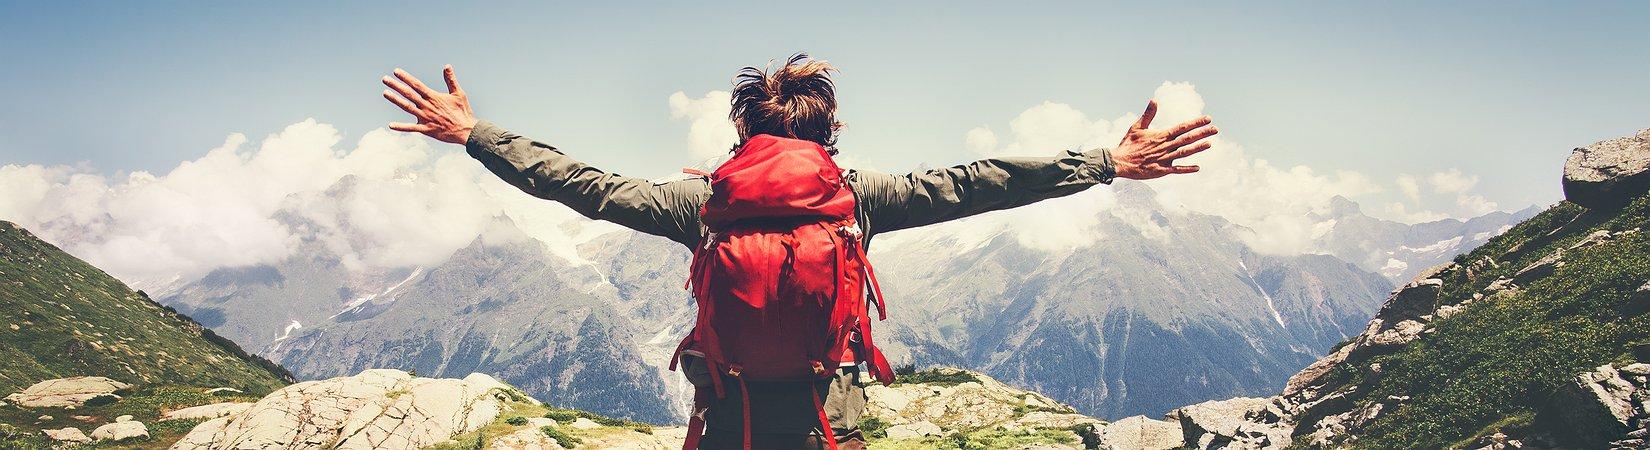 Las 5 cosas que impulsarán tu carrera